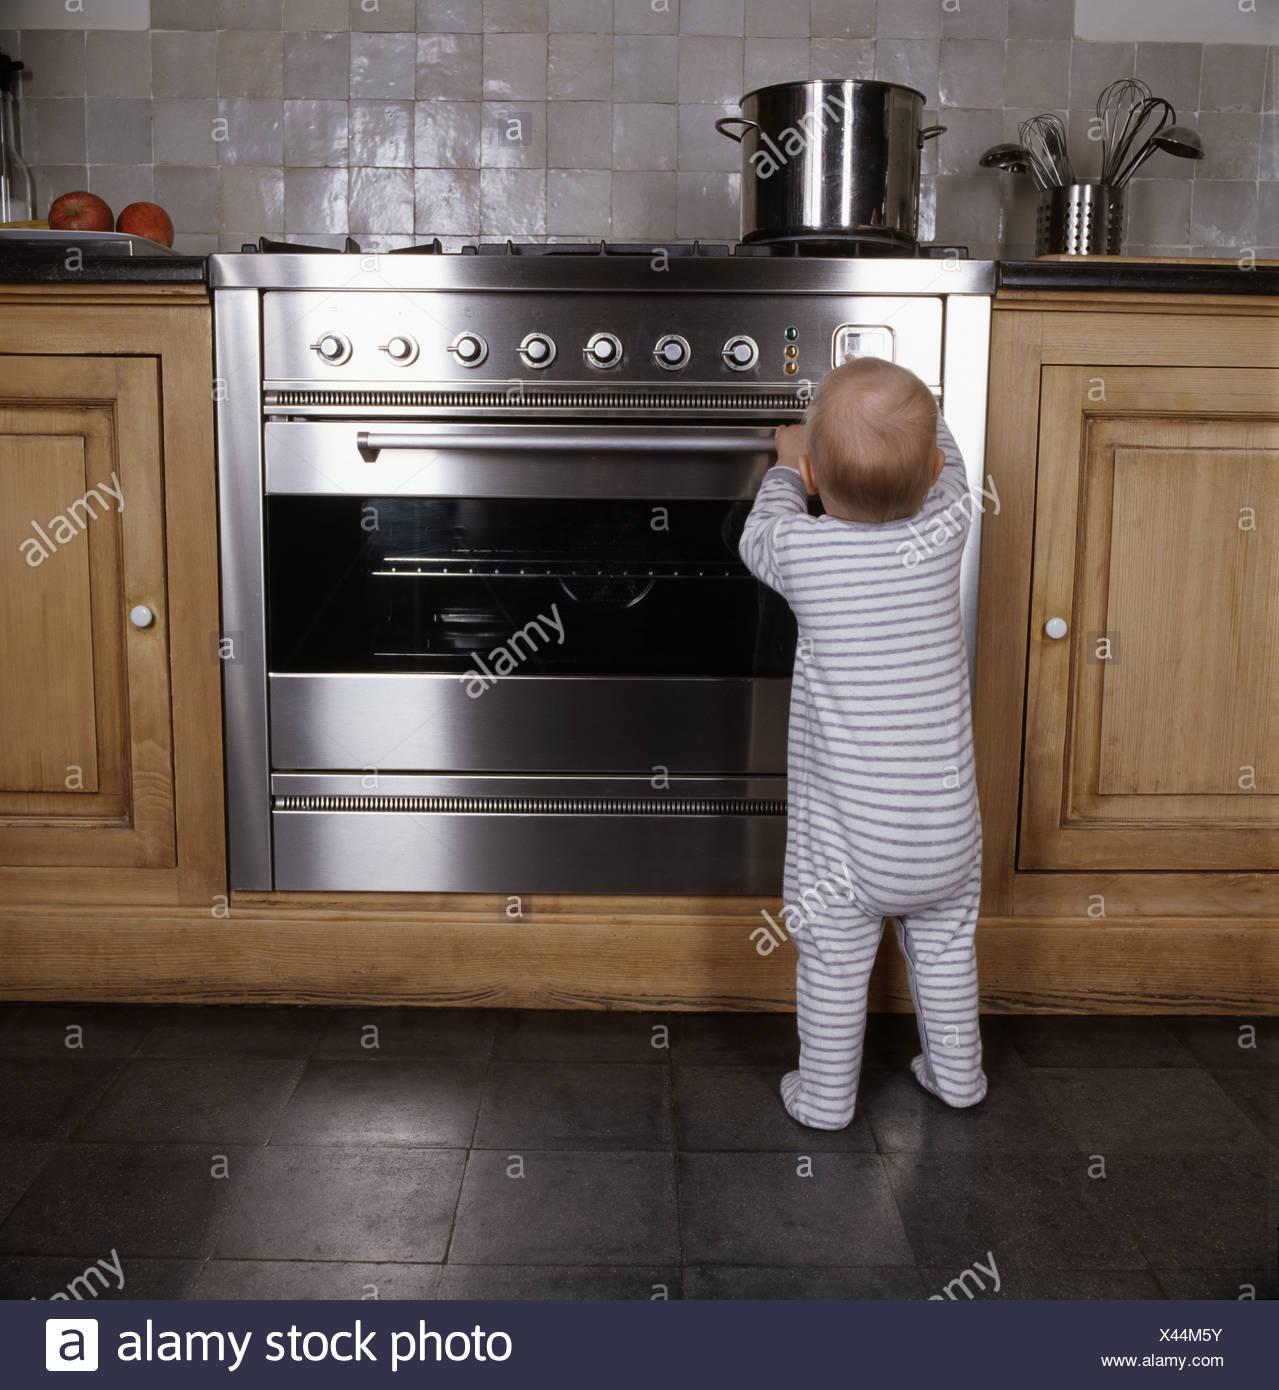 Säugling tatenlos Ofen in der Küche Stockbild